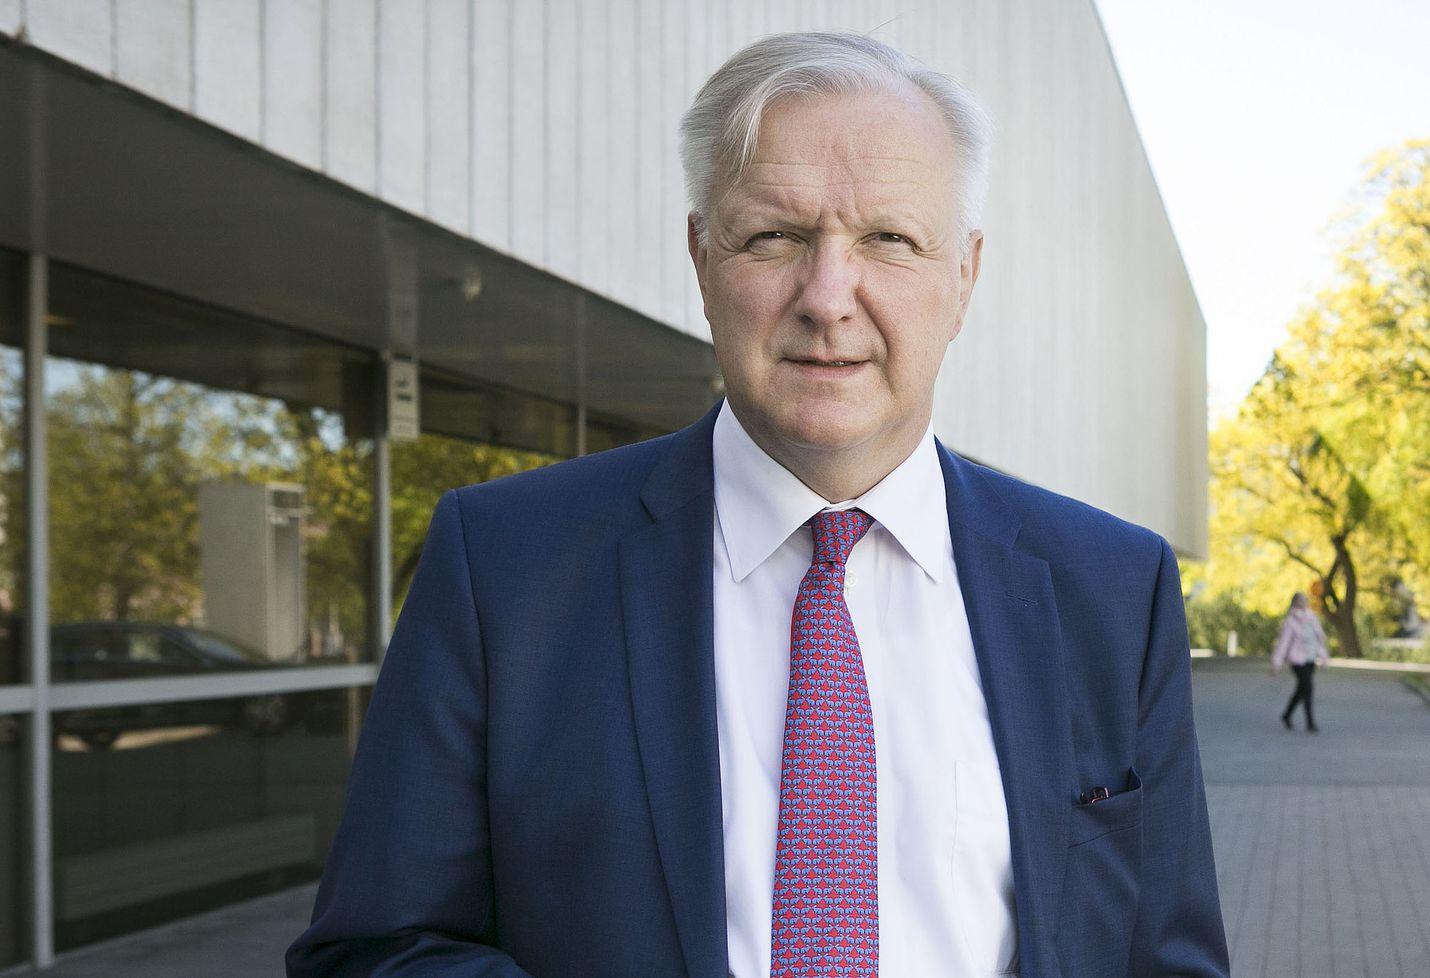 Suomen Pankin pääjohtaja Olli Rehn on kirjoittanut kirjan eurokriisin kohtalonhetkistä, koska hän toimi kriisivuosina Euroopan unionin talouskomissaarina.